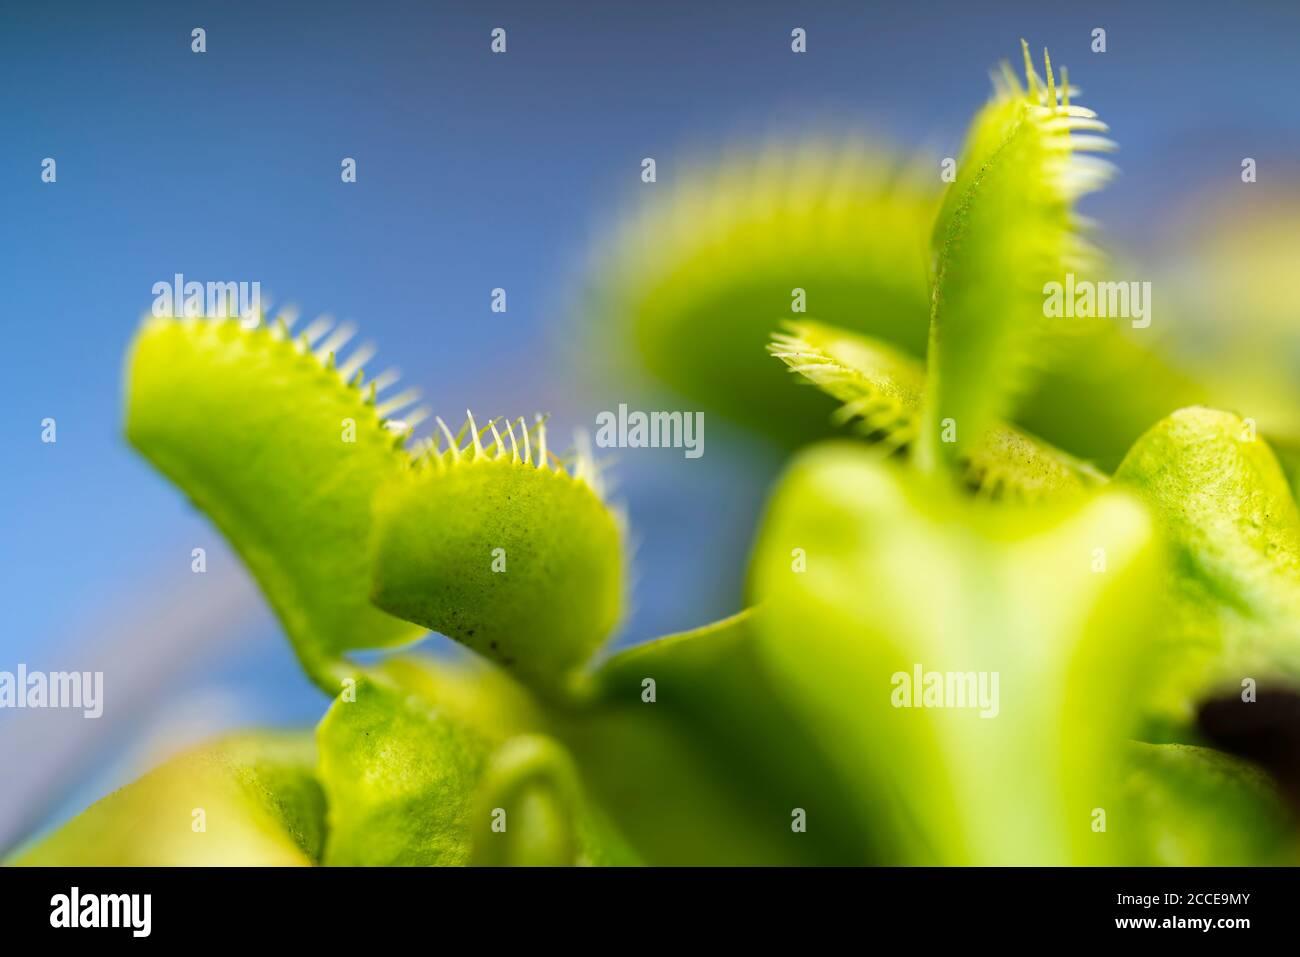 Primer plano, naturaleza, Jardín, Flor, crecimiento, Resumen, planta carnívora Foto de stock